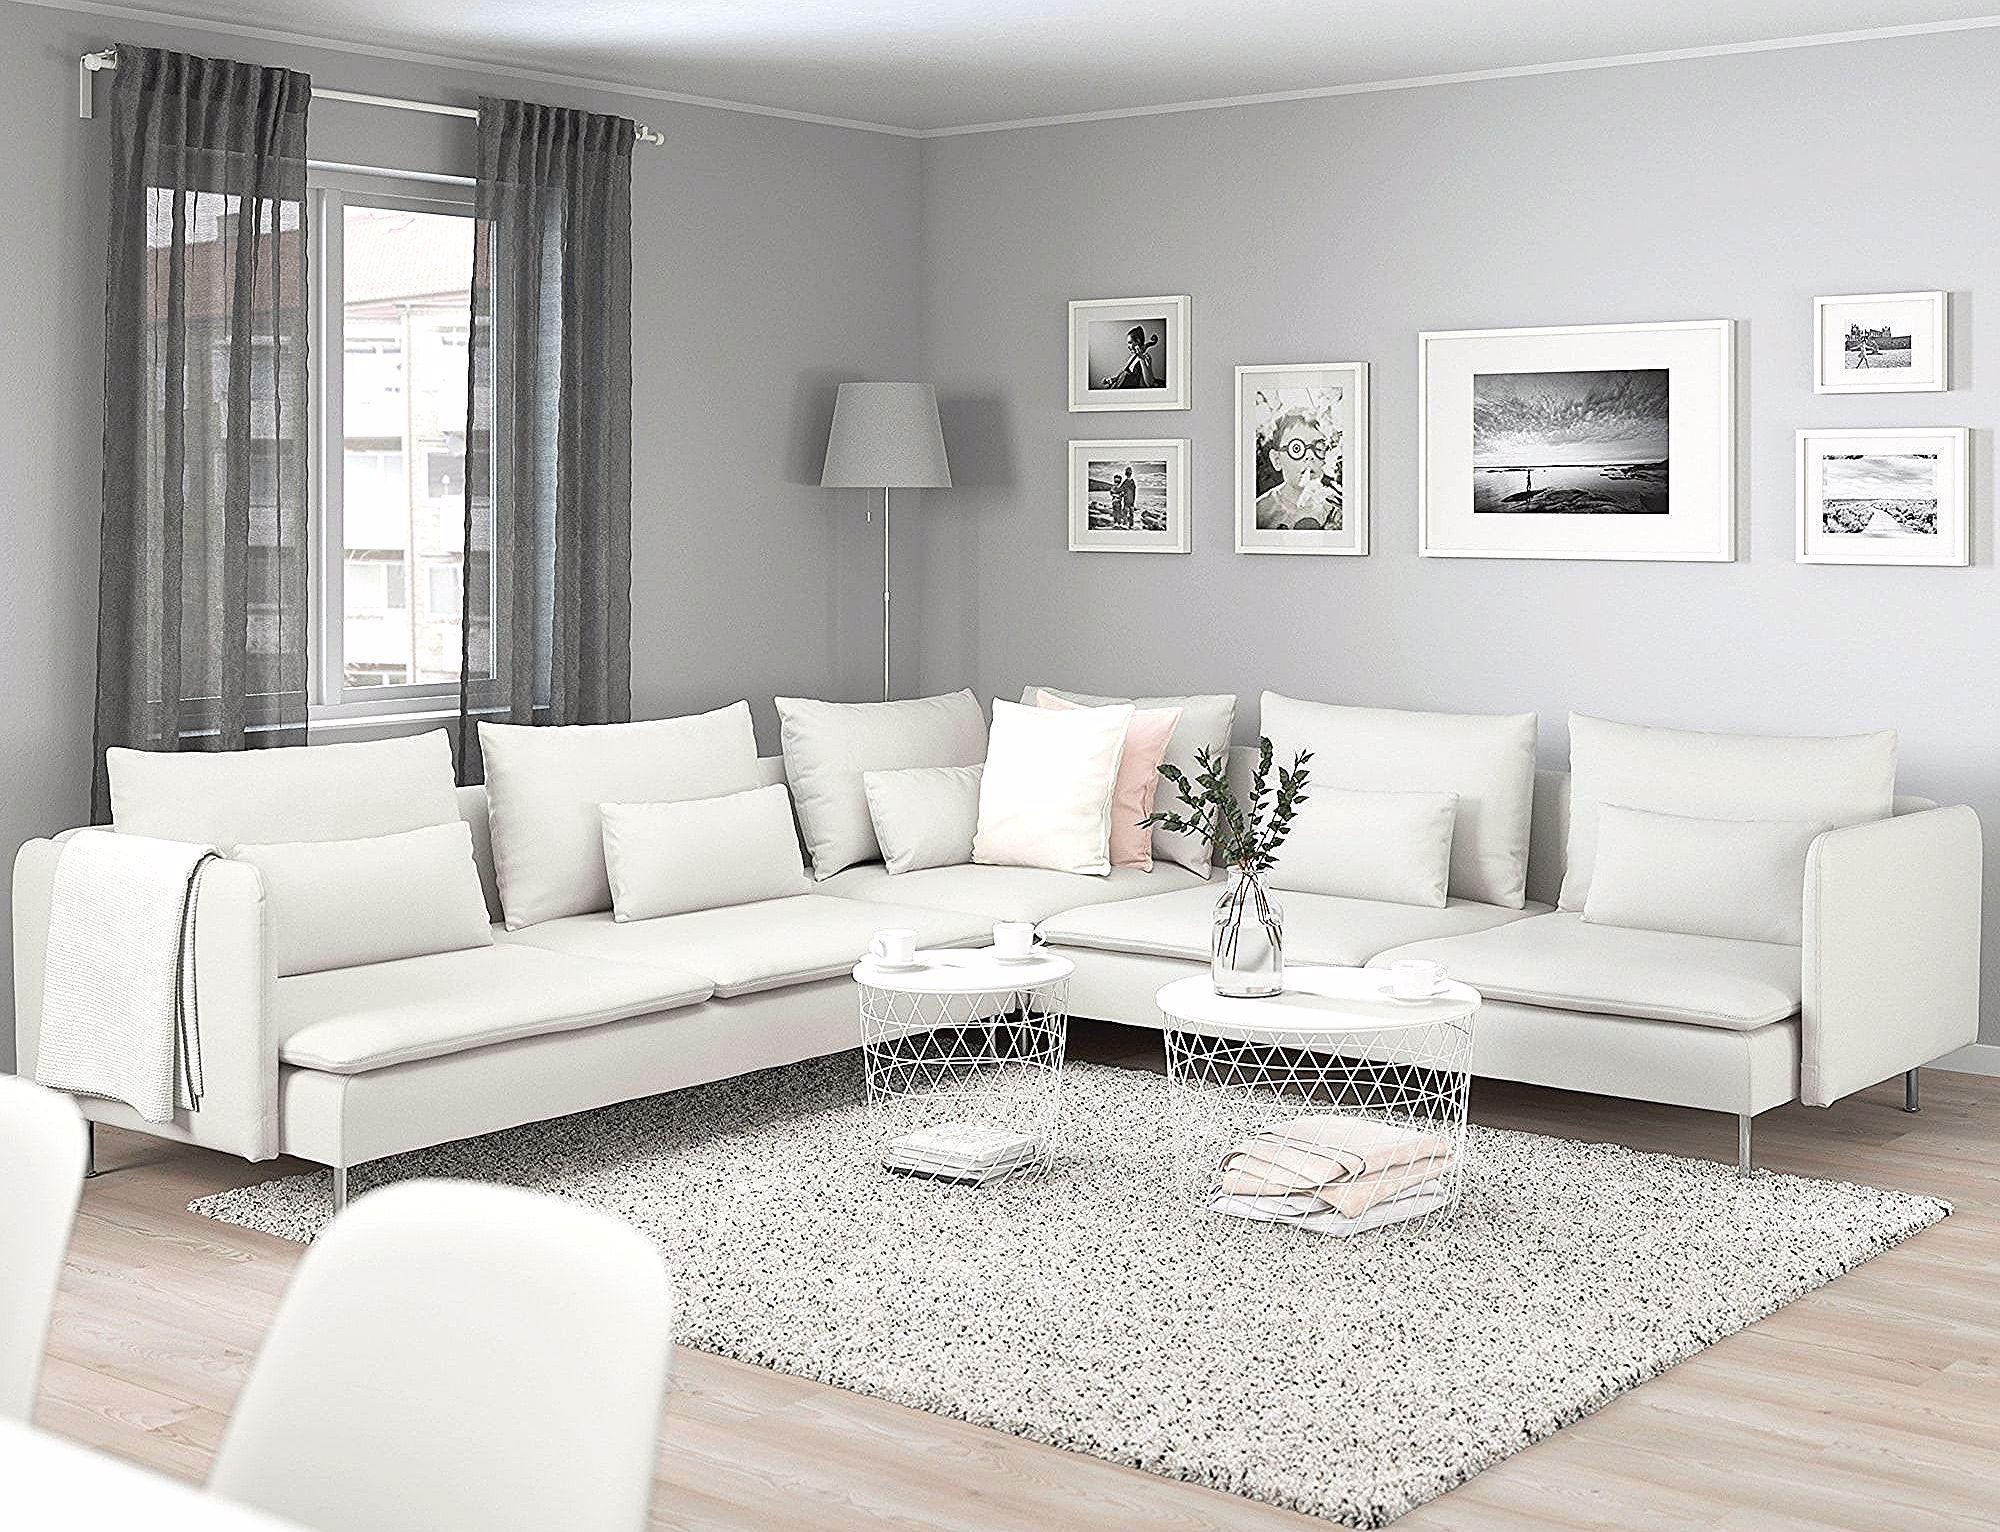 Soderhamn Ecksofa 6 Sitzig Finnsta Weiss Home Decor Elle Decor Sectional Couch